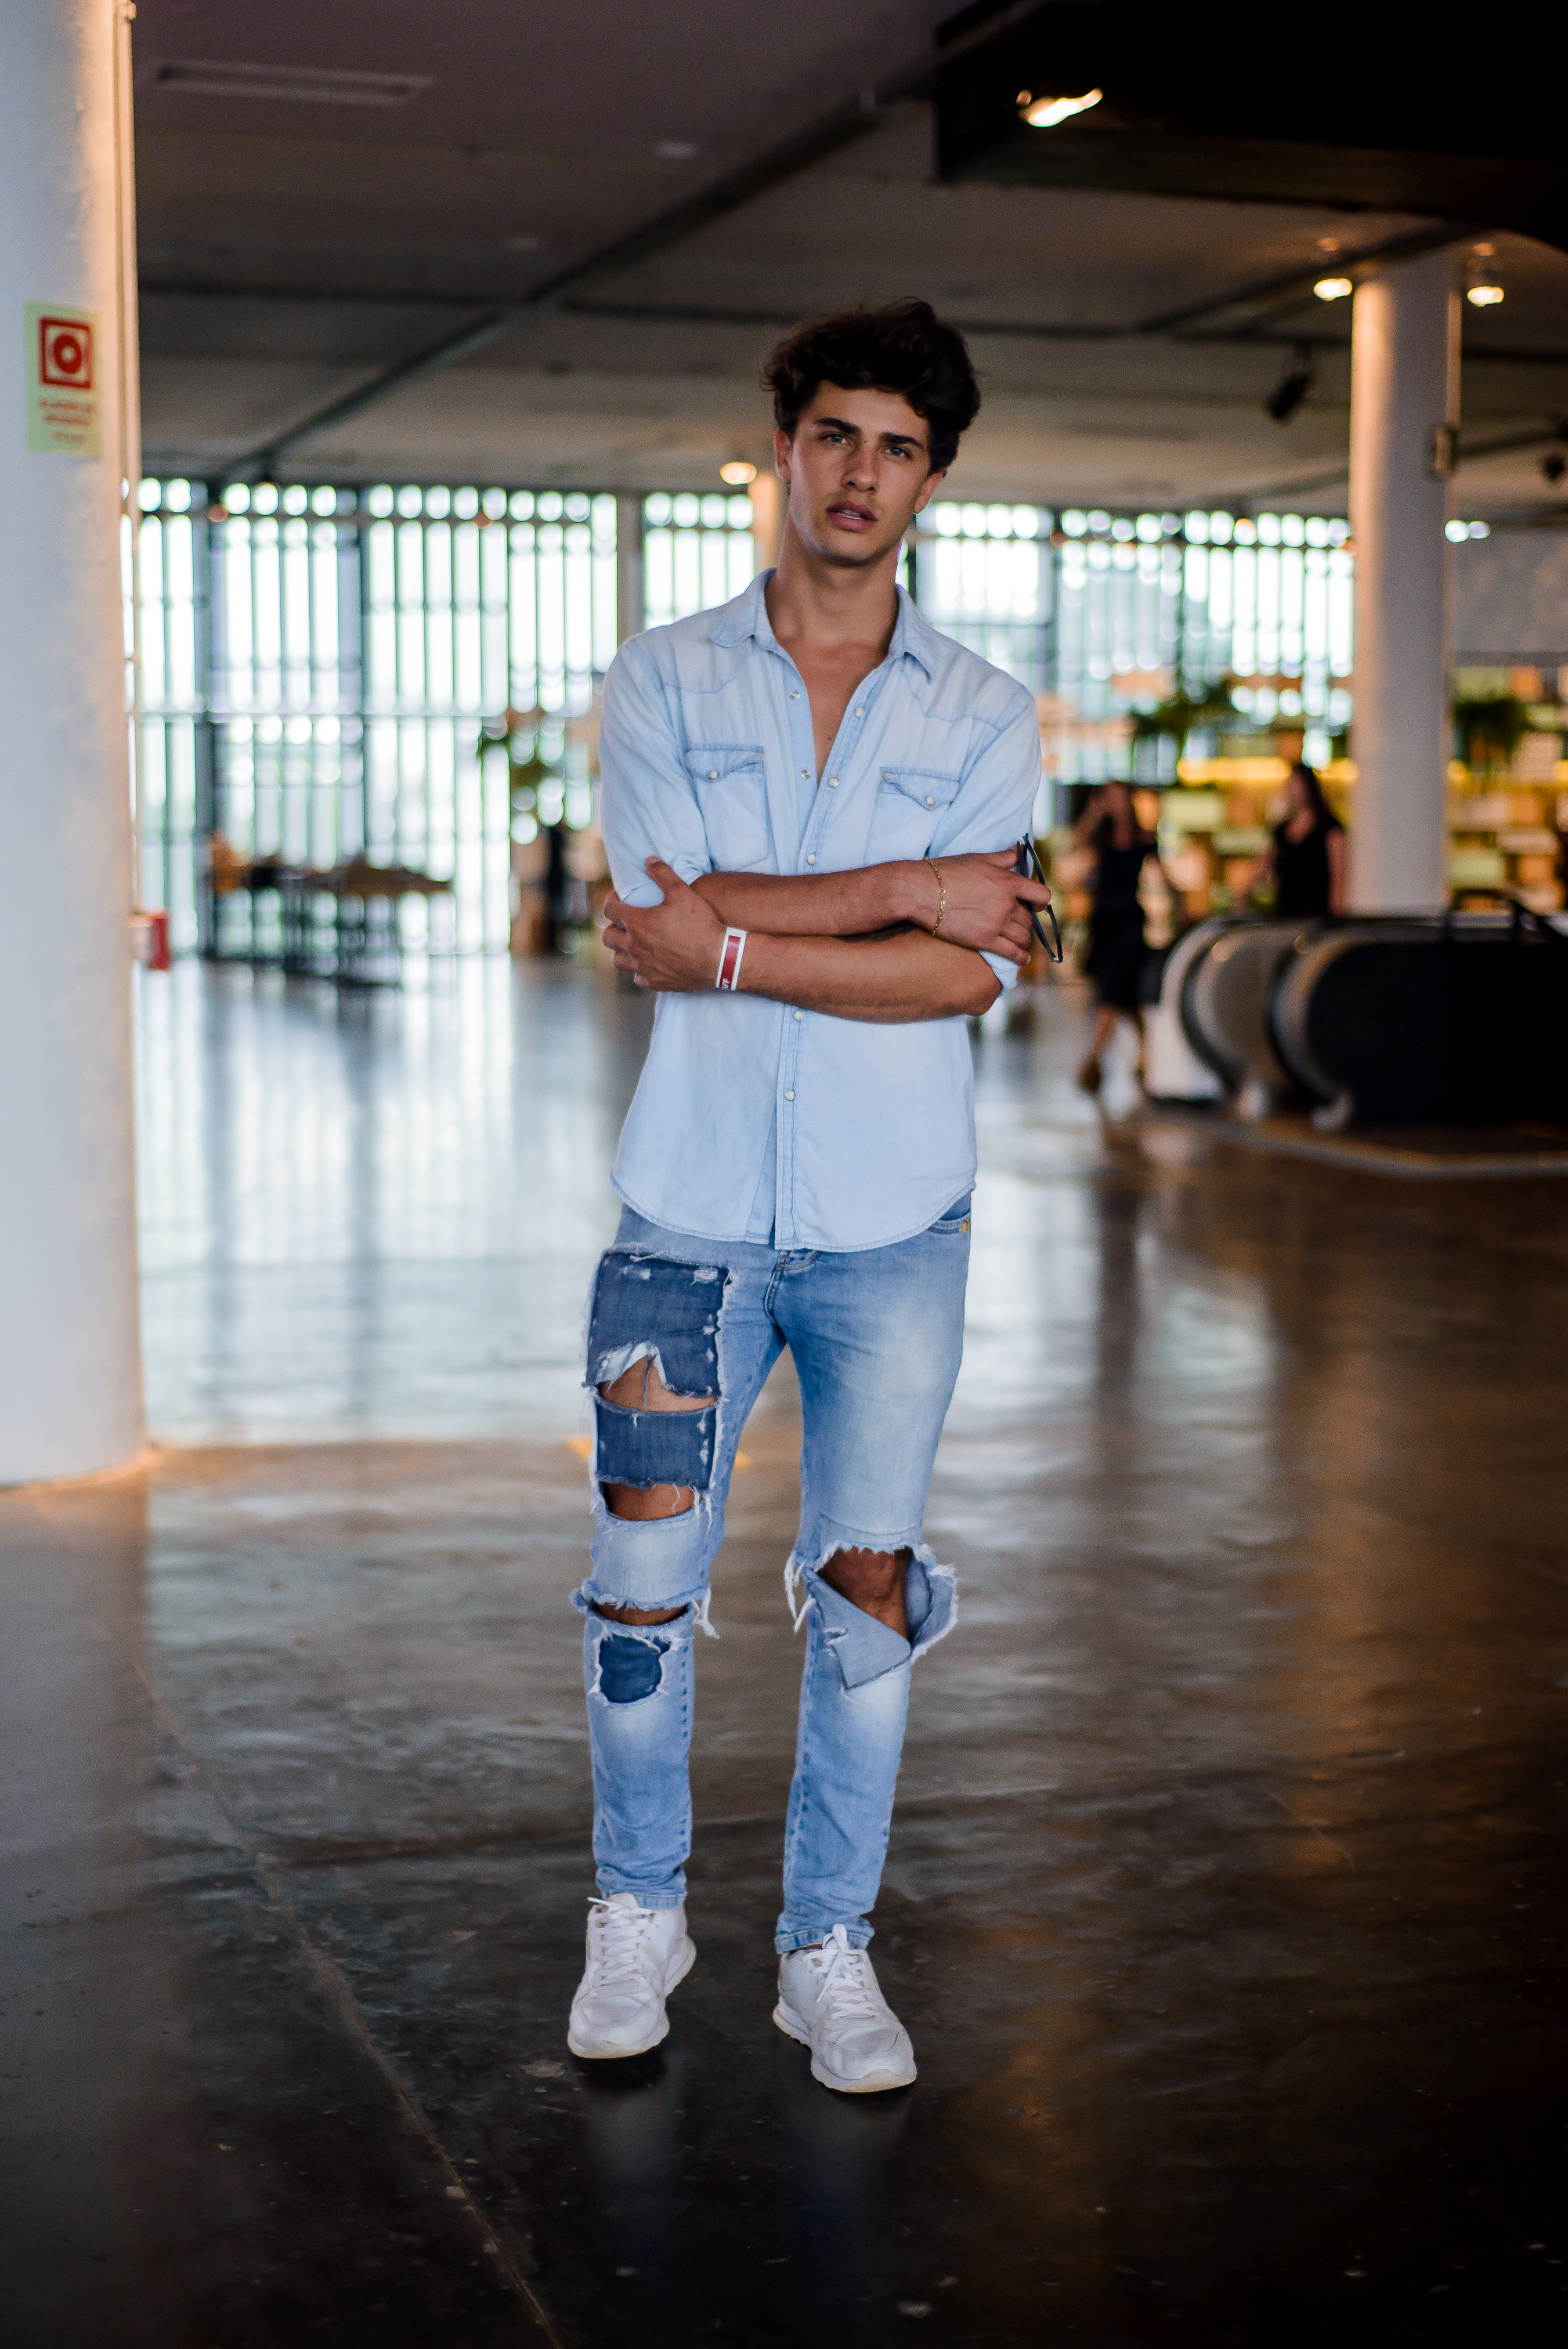 spfwn43-street-style-moda-masculina-estilo-masculino-style-fashion-moda-2017-moda-sem-censura-beleza-blog-de-moda-men-man-boy-estilo (3)